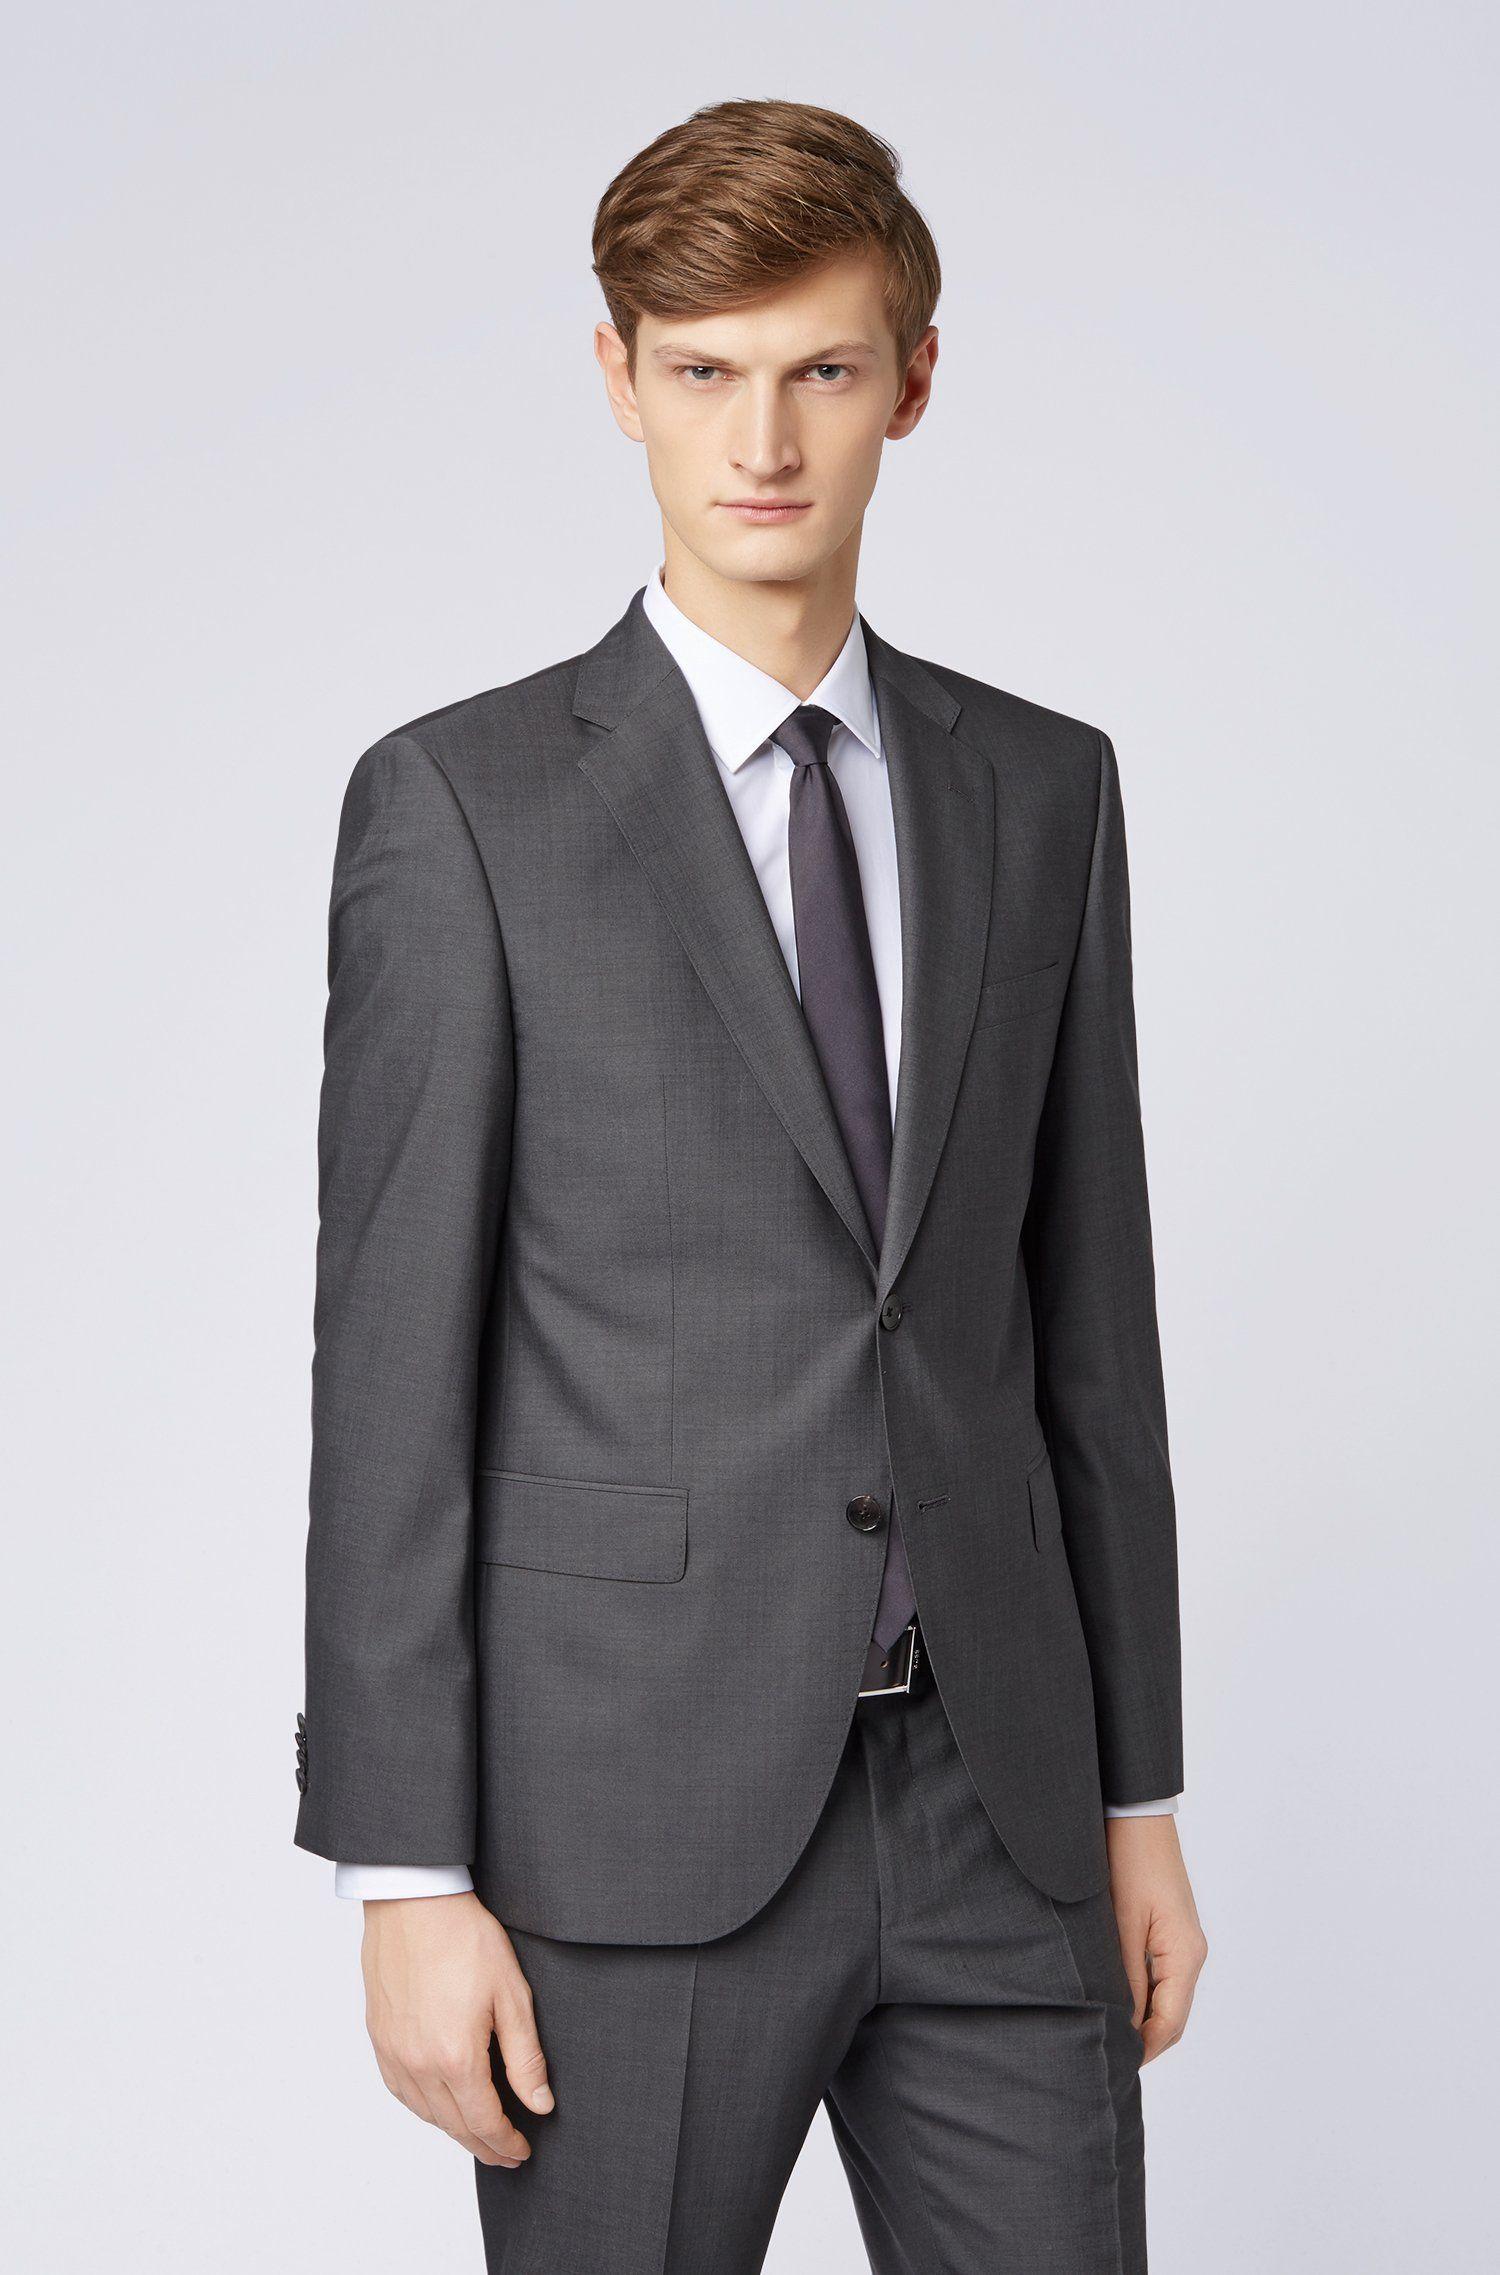 Vestito Matrimonio Uomo Blu : Abiti uomo estate eleganti e da cerimonia